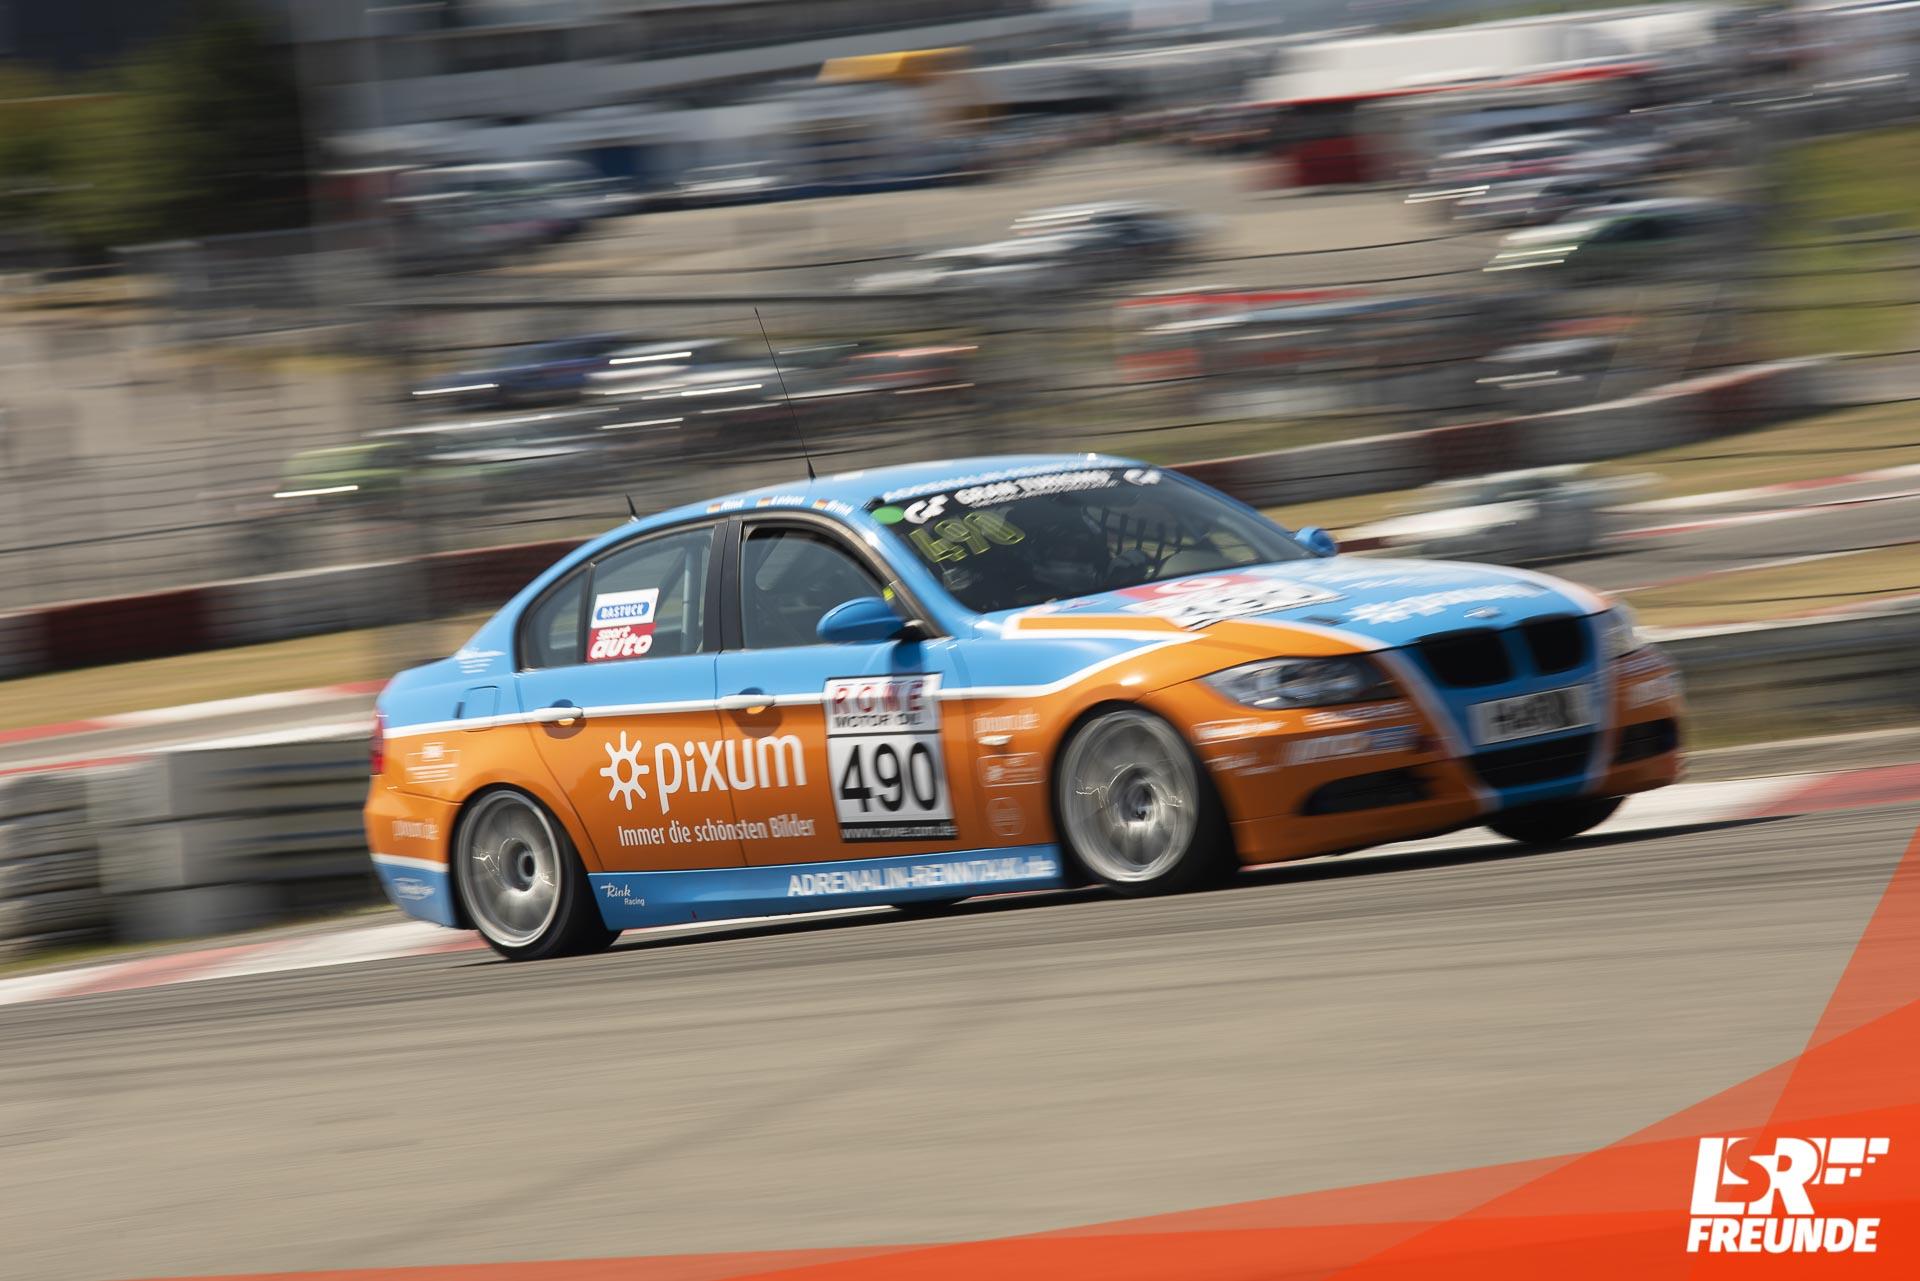 BMW 325i #490 Pixum Team Adrenalin Motorsport